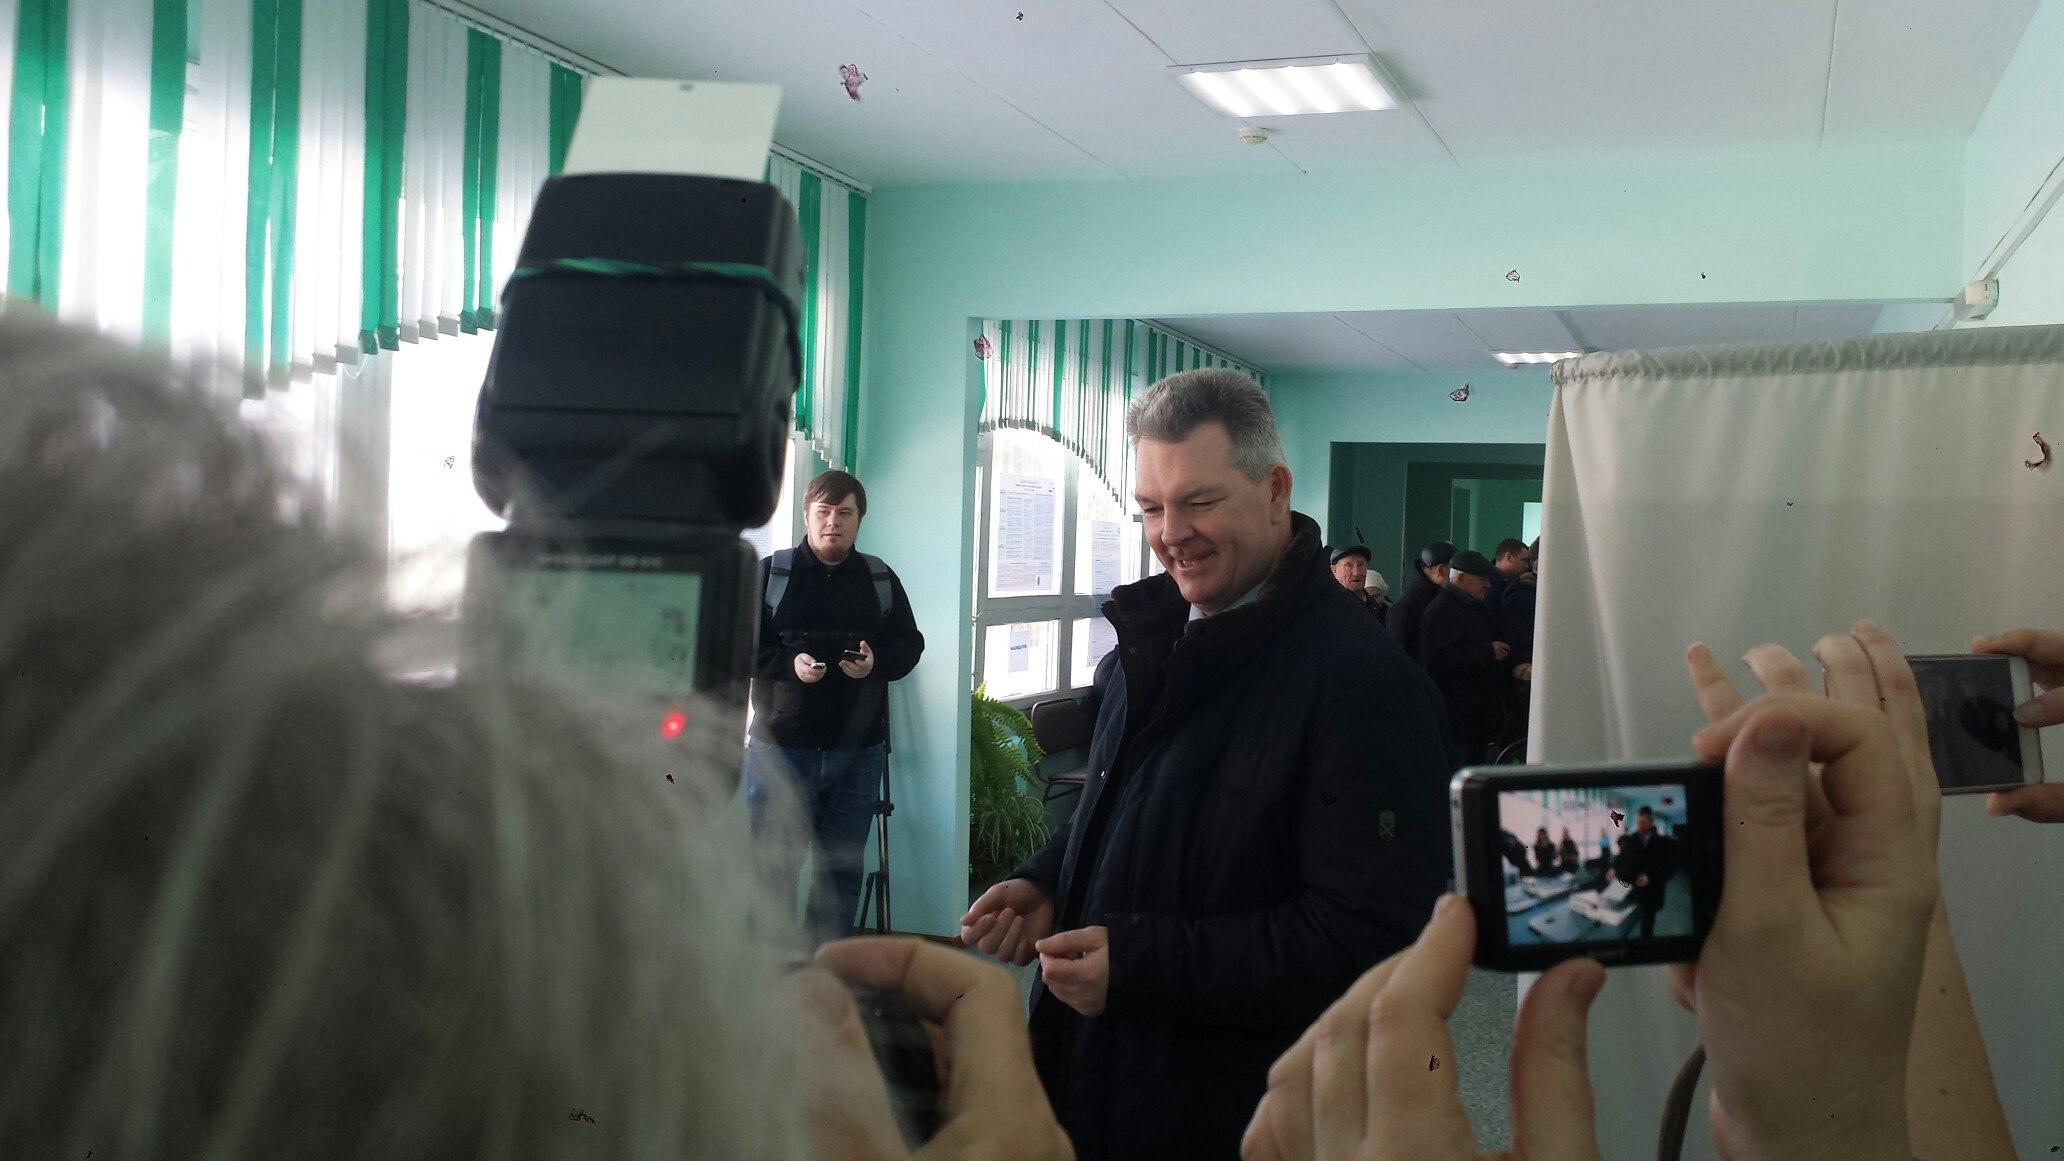 Летчик-космонавт Александр Самокутяев приехал навыборы Российского Президента вПензу